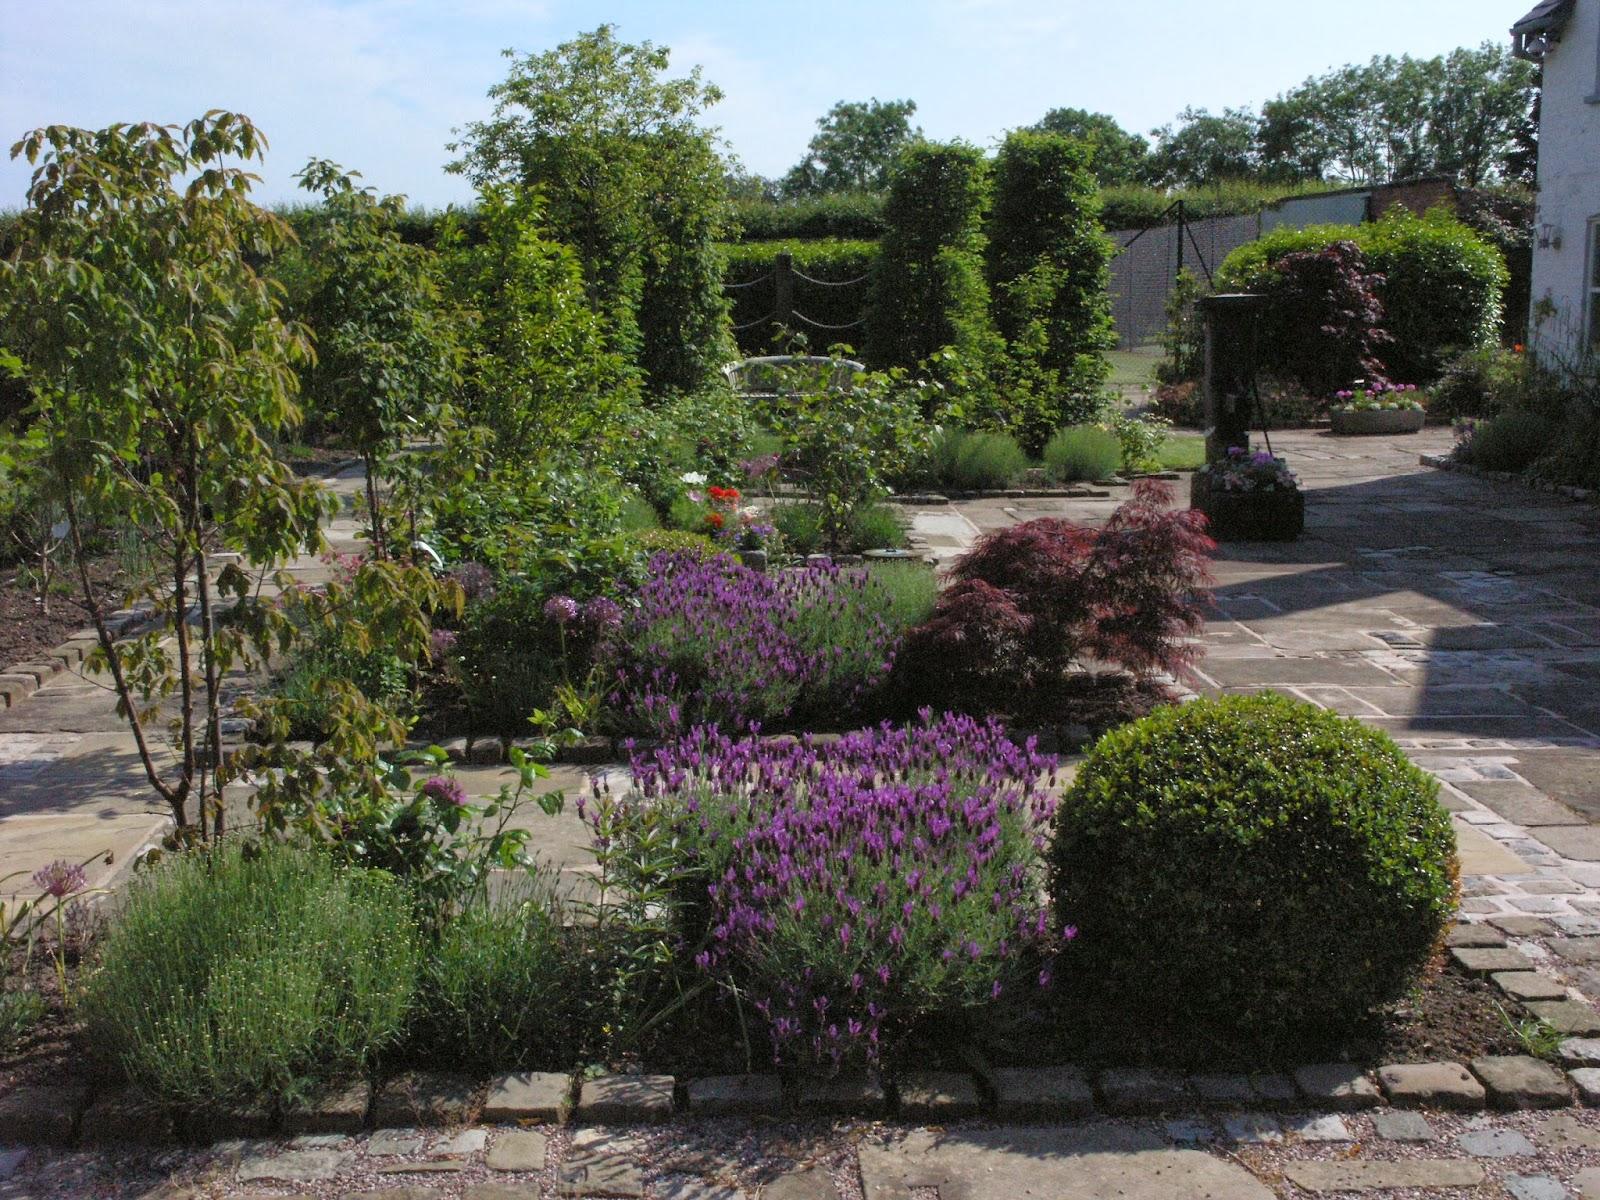 David Keegans Garden Design Blog: Landscape Gardens in ...